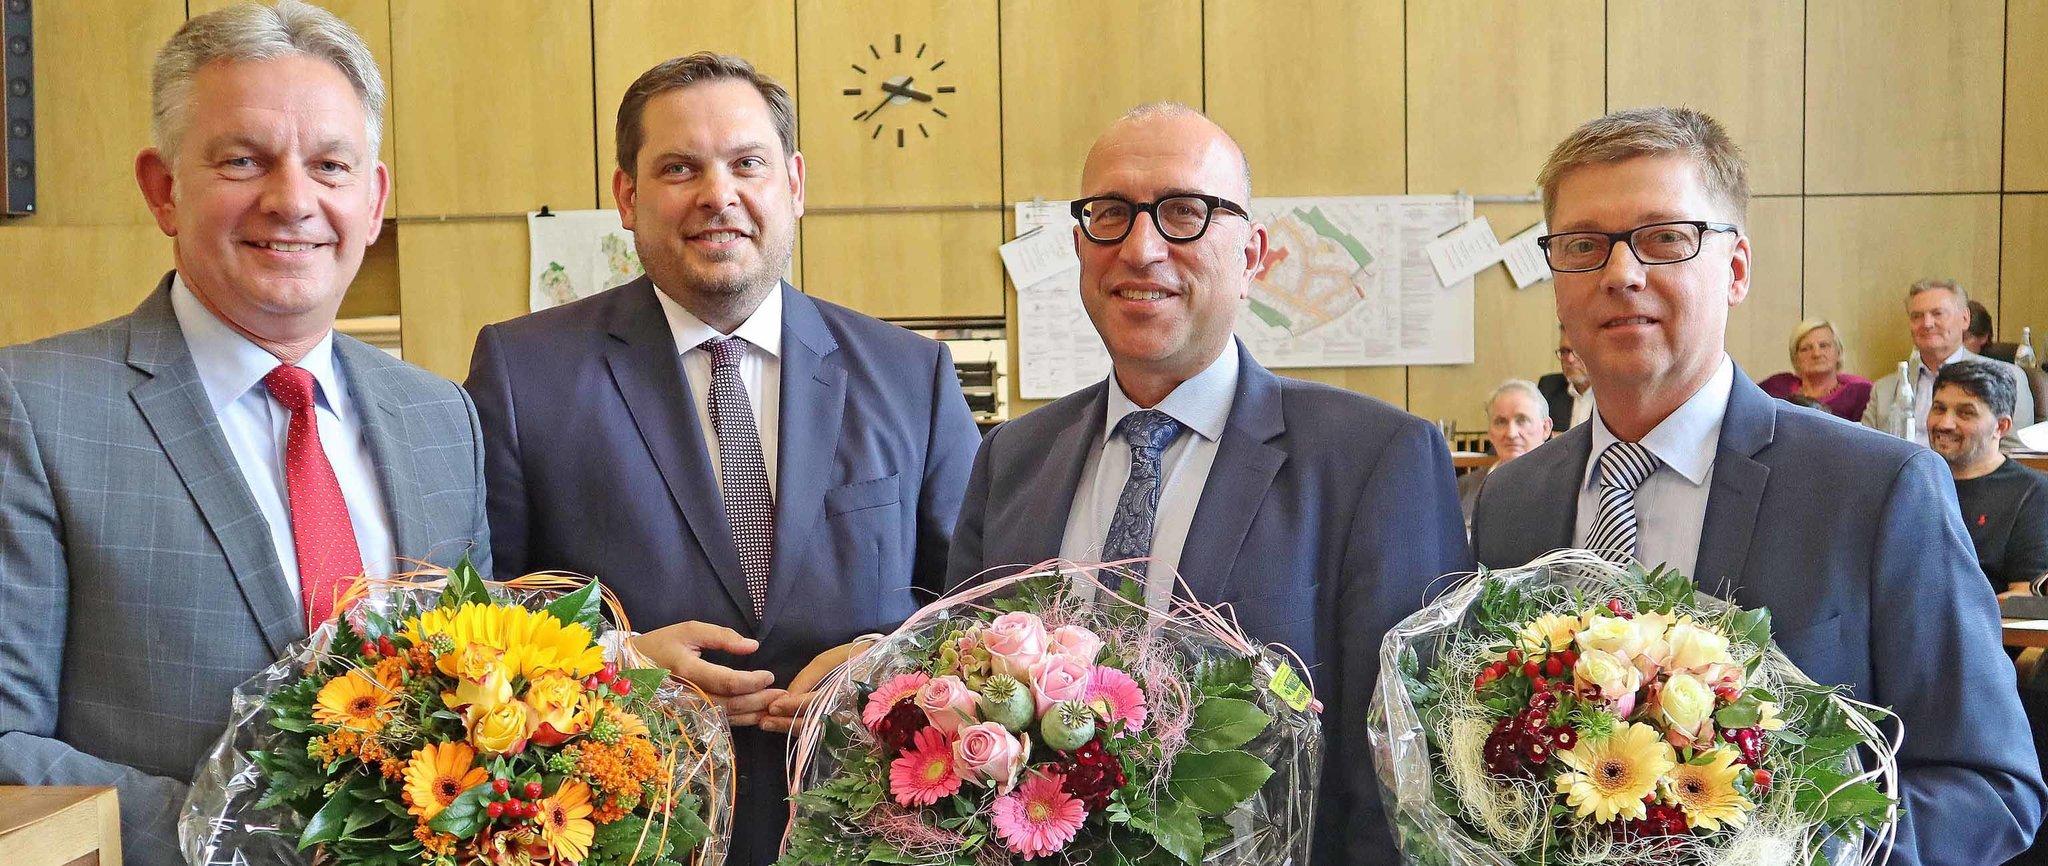 Neuorganisation Der Zustandigkeiten Funf Beigeordnete Auf Der Verwaltungsbank Oberhausen